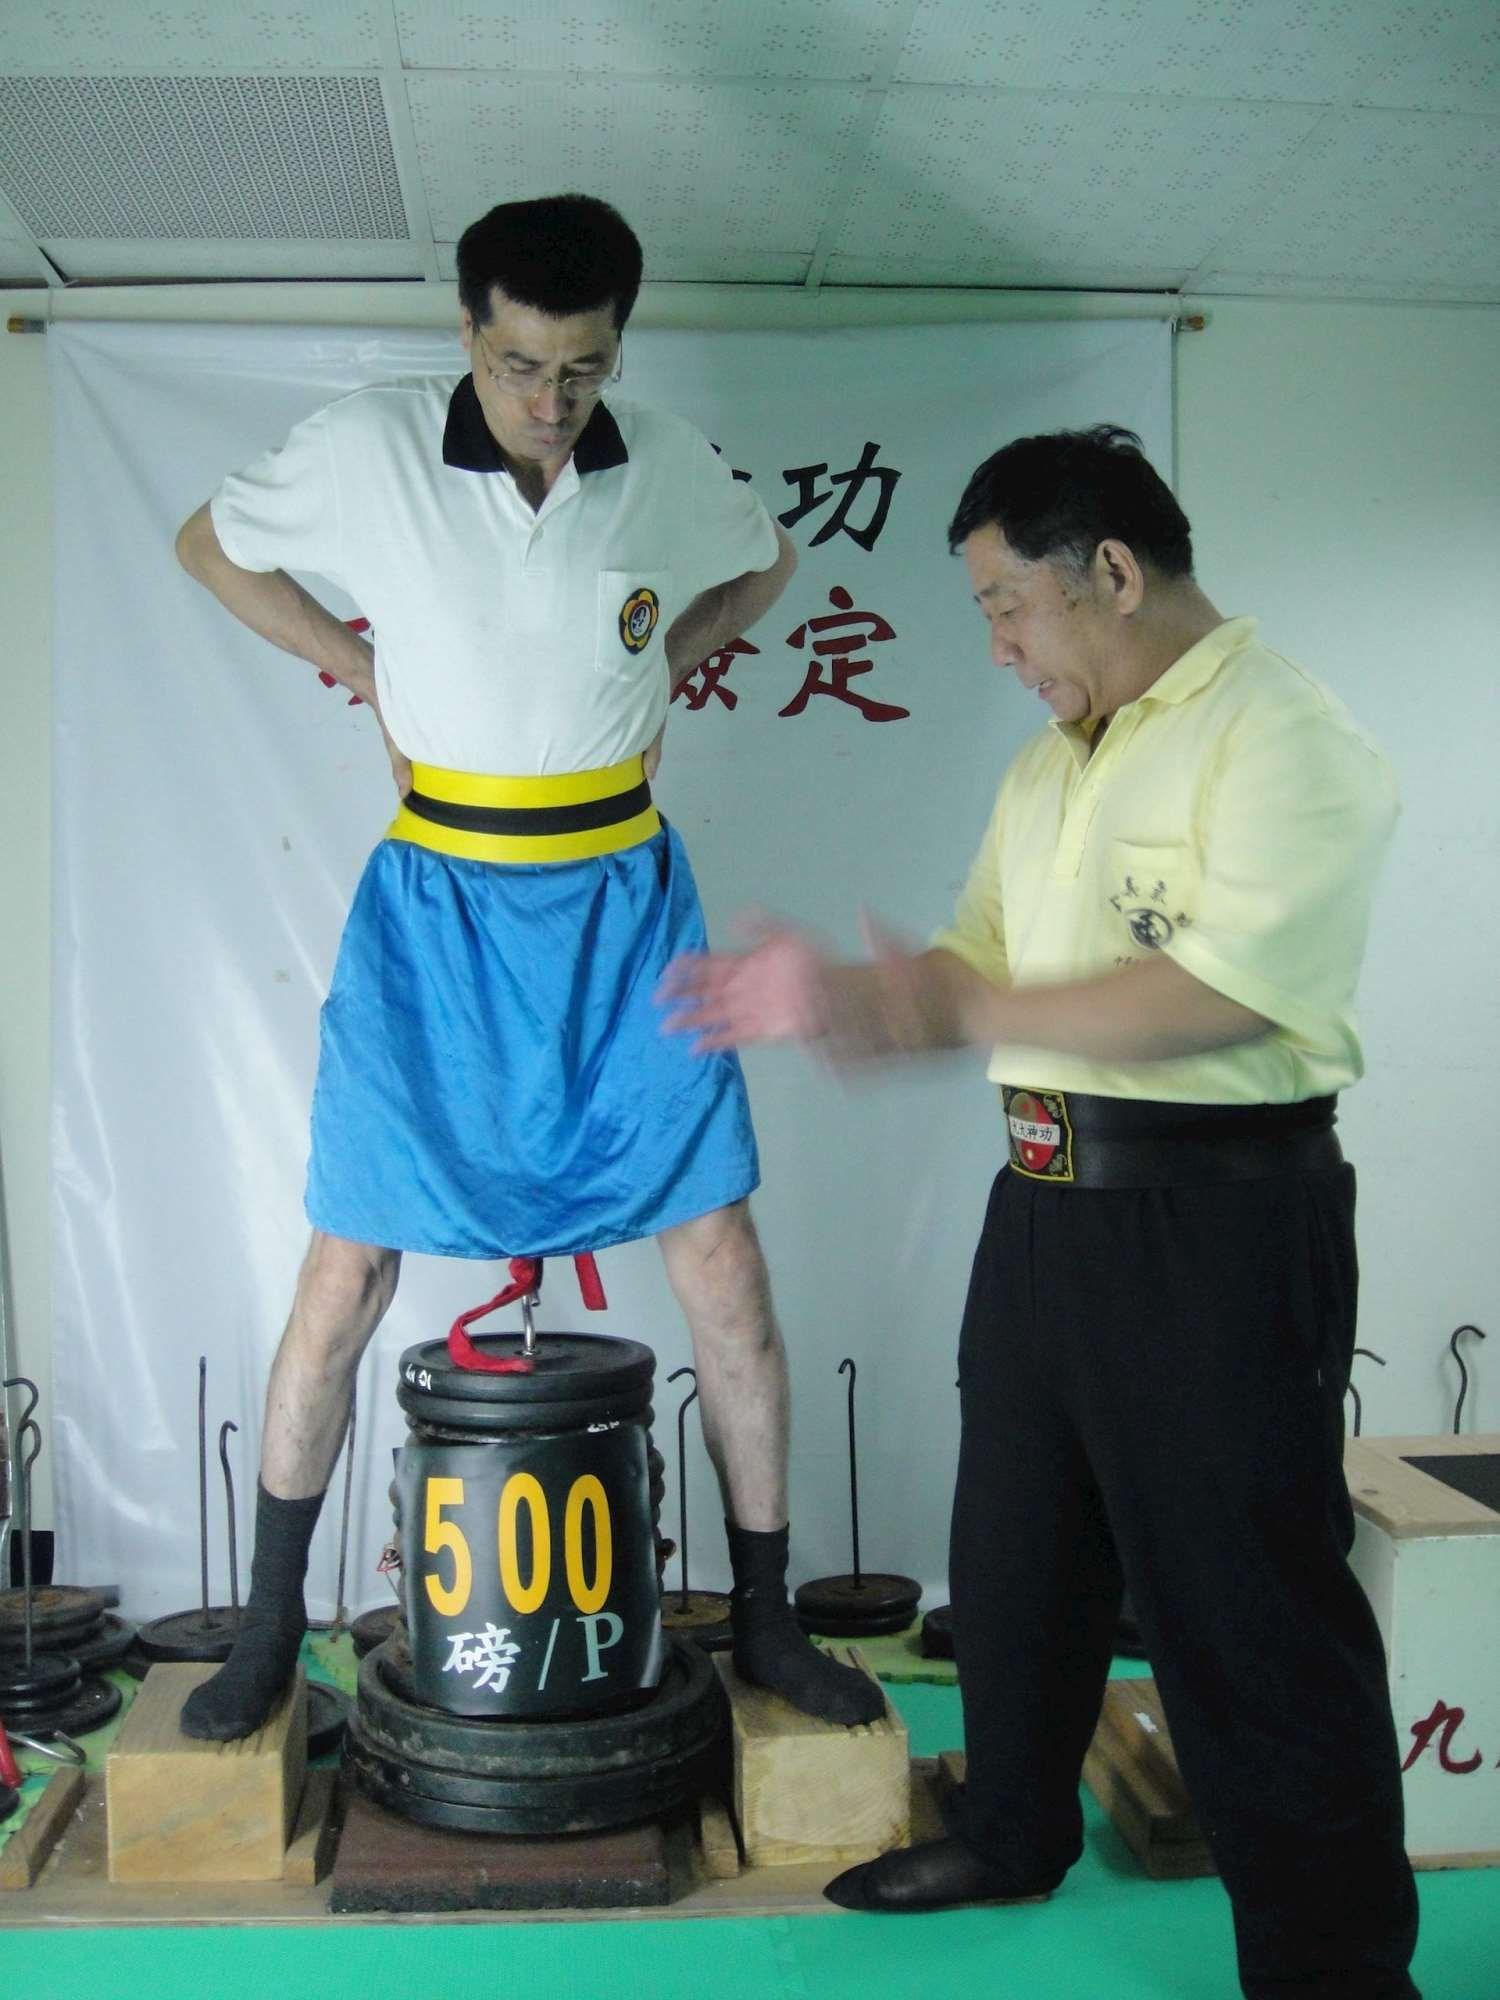 吊500磅的鄧師兄.jpg